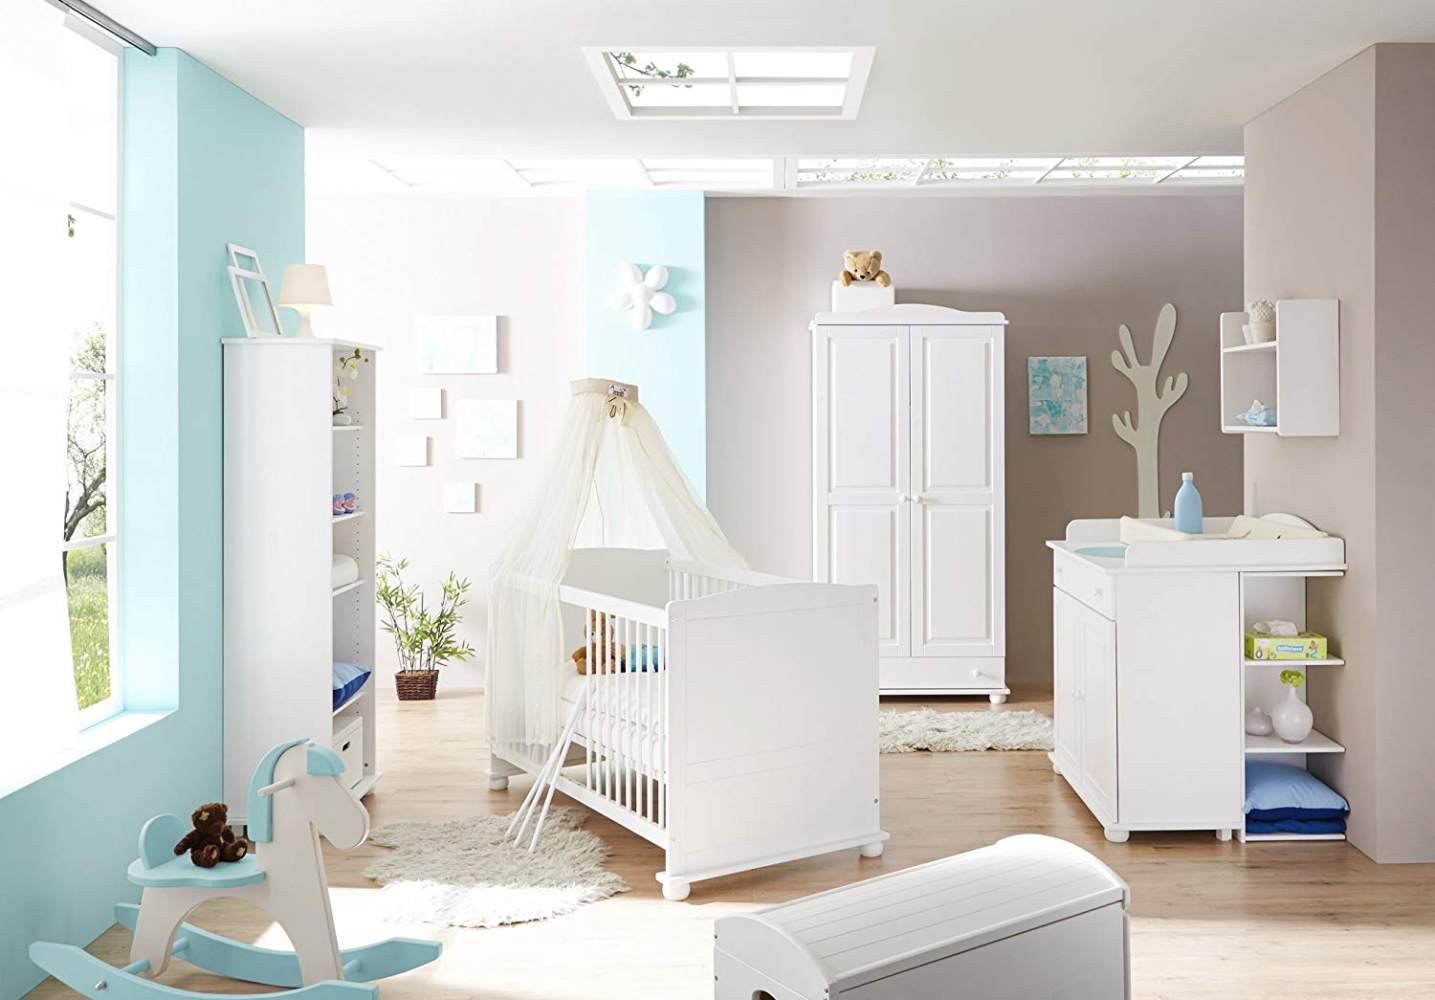 Ticaa 'Adam' 4-tlg. Babyzimmer-Set, Weiß, aus Bett 70x140 cm, Kleiderschrank, Regal und Wickelkommode inkl. Anstellregal Bild 1